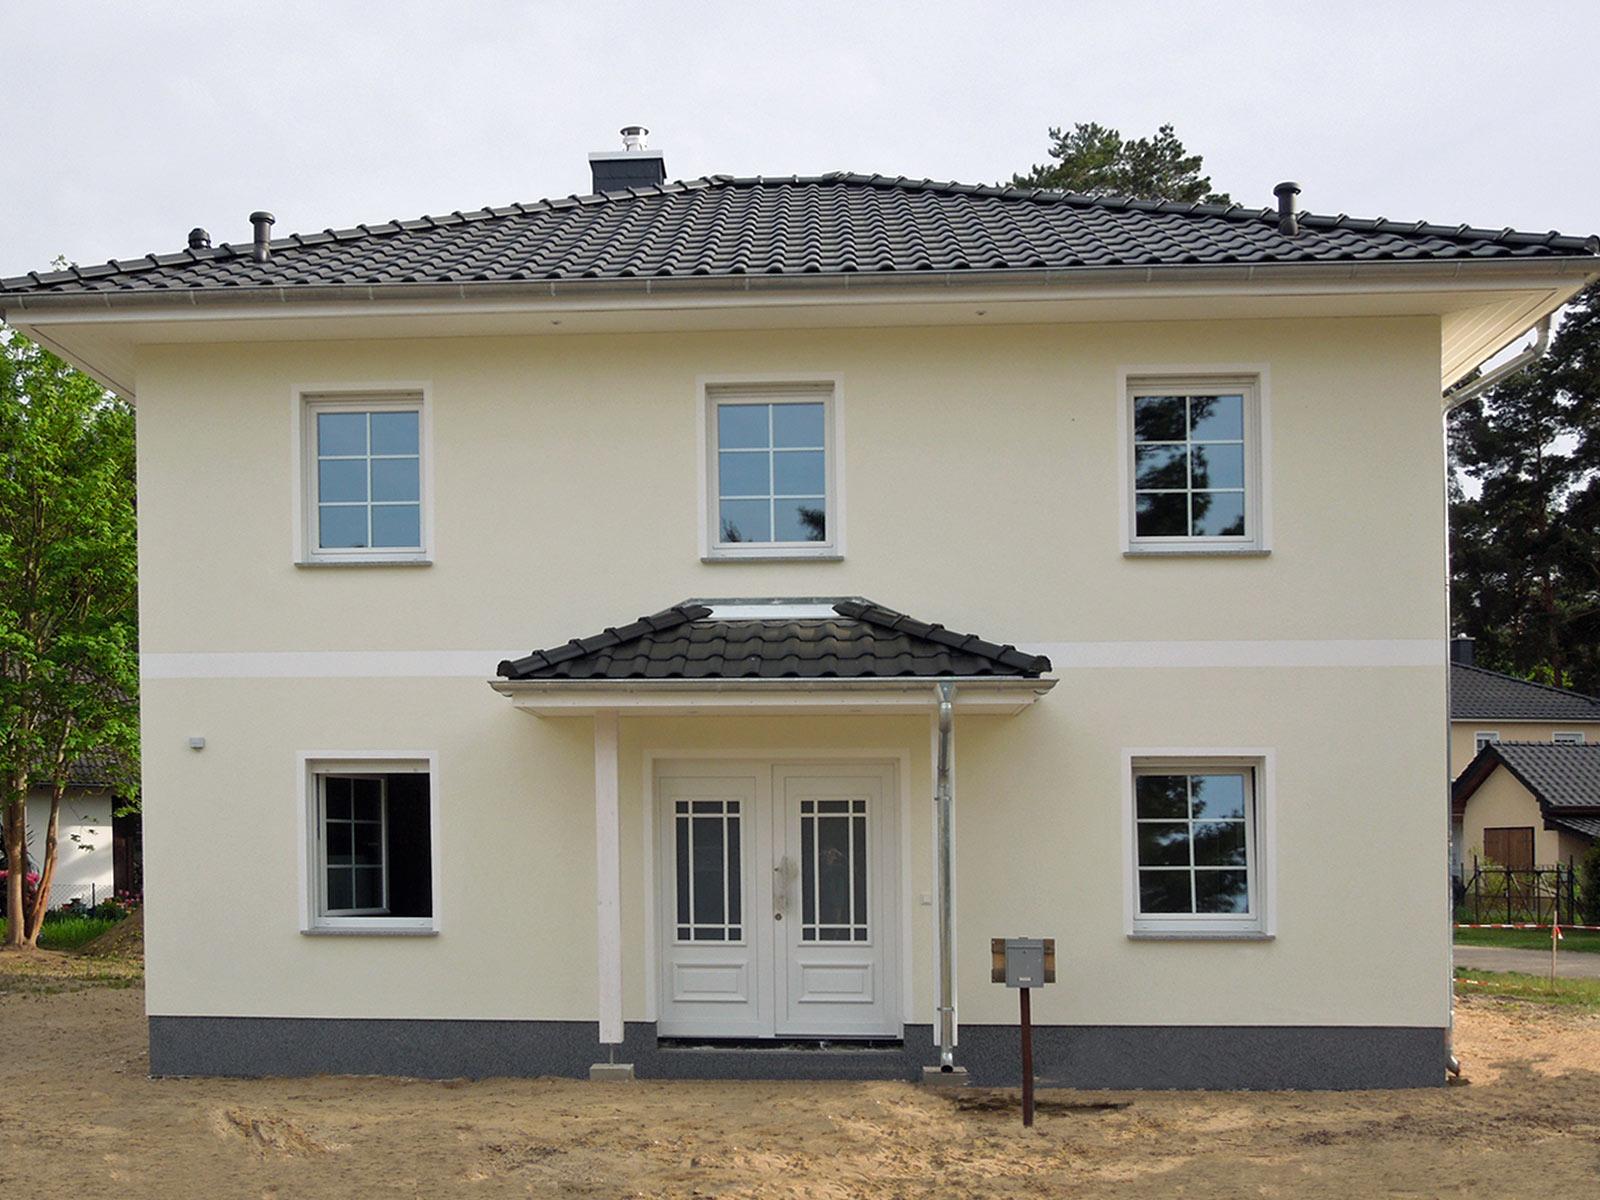 Deutsche-Politik-News.de   Ein Doppelhaus, ähnlich diesem, kann am 17. und 18. März in 22117 Hamburg-Billstedt besichtigt werden. Foto: Roth-Massivhaus